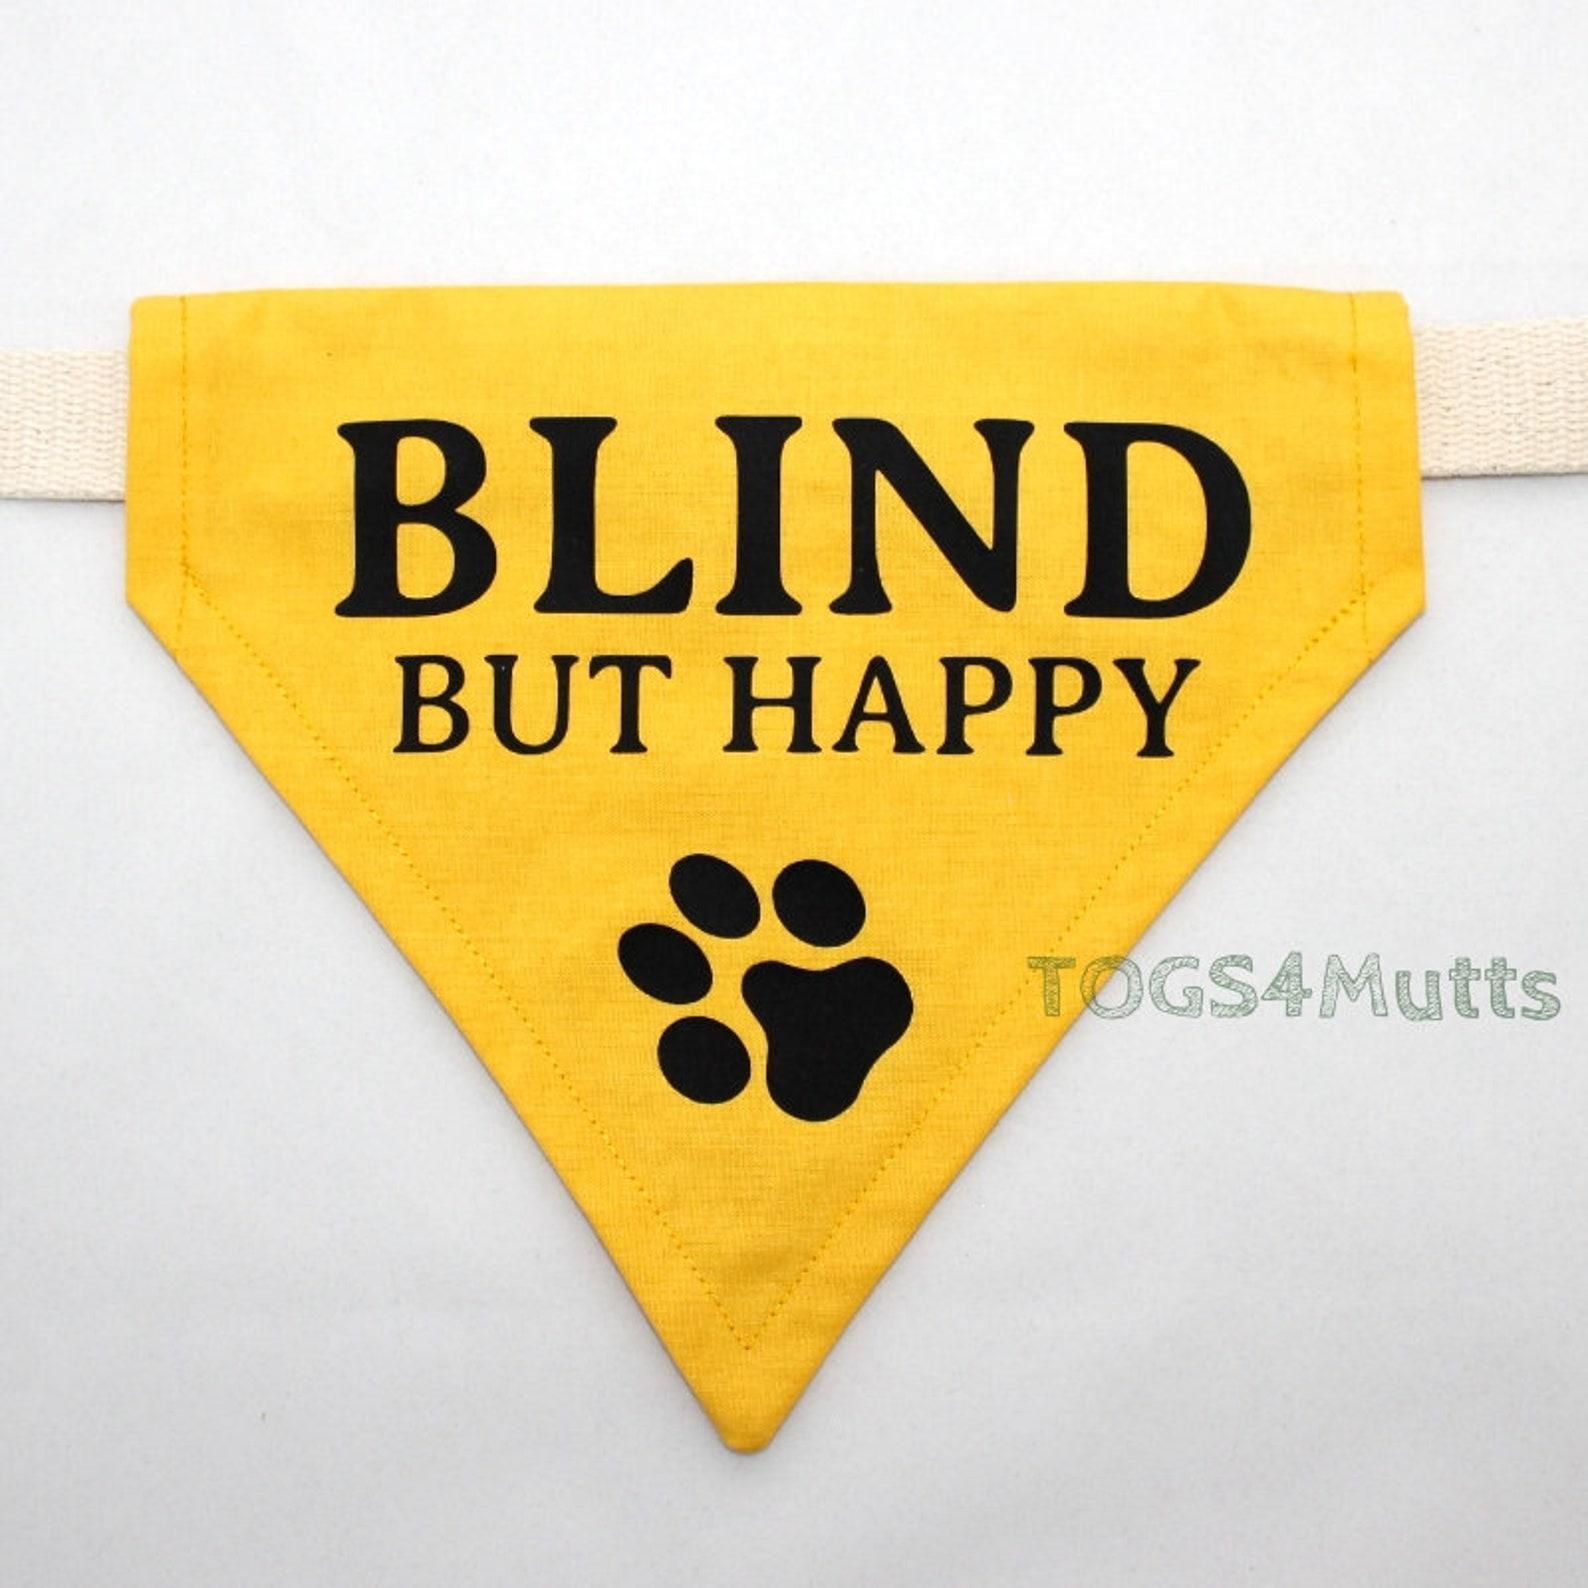 Blind but happy dog bandana